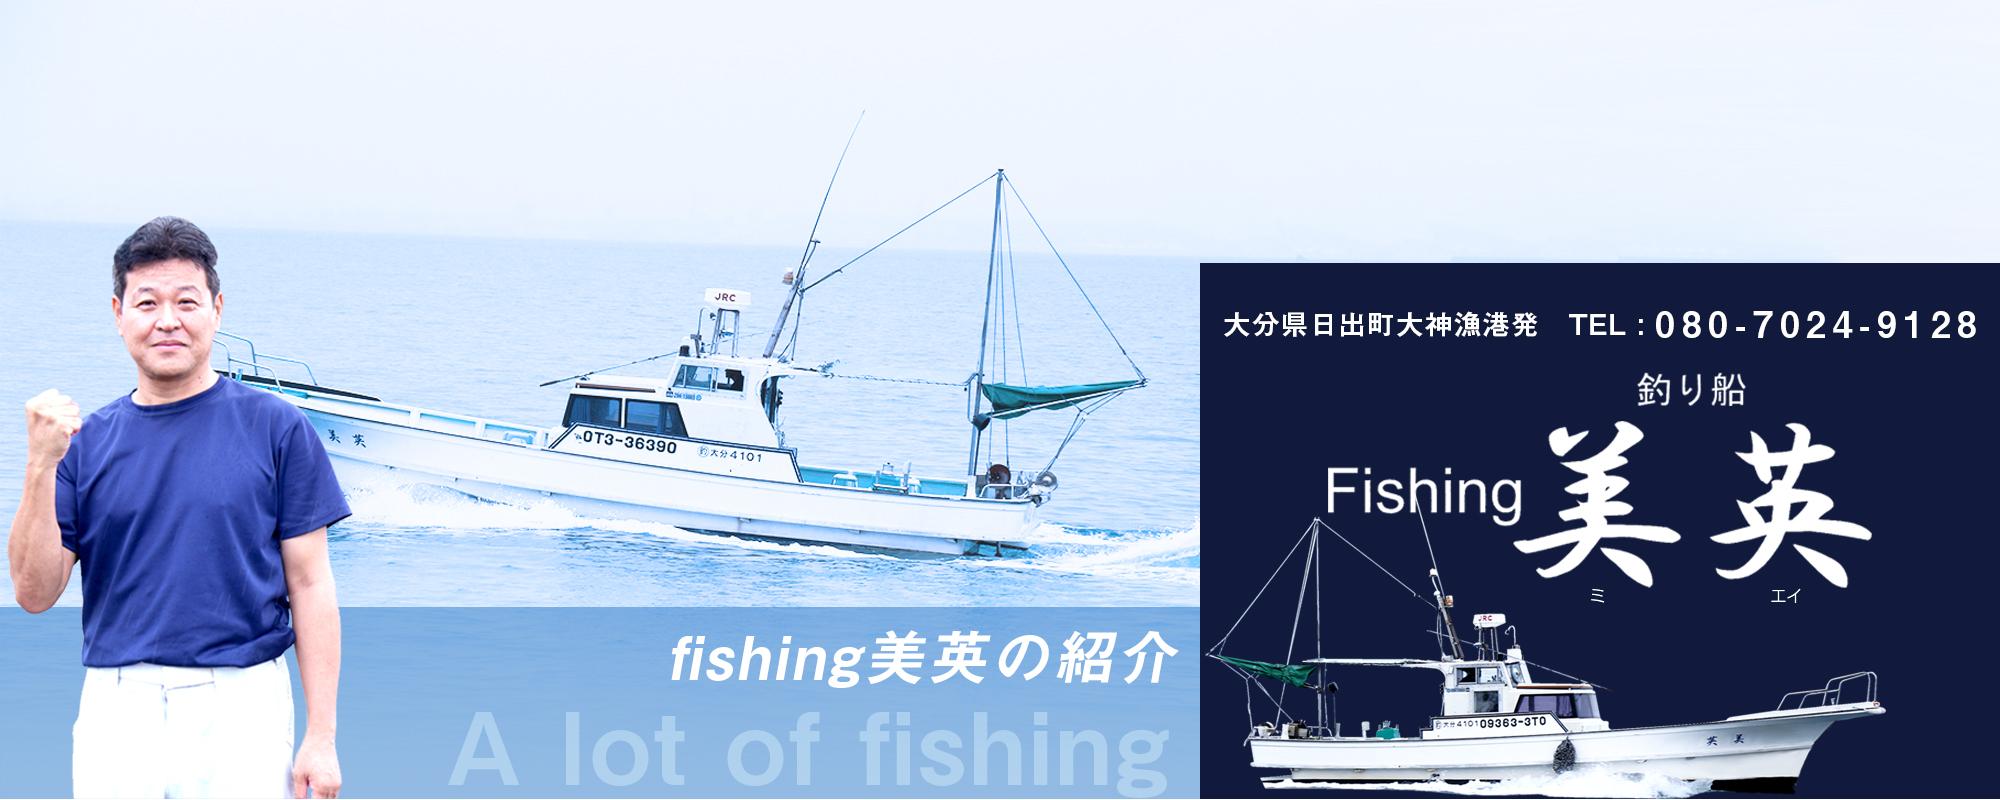 遊漁船美英紹介